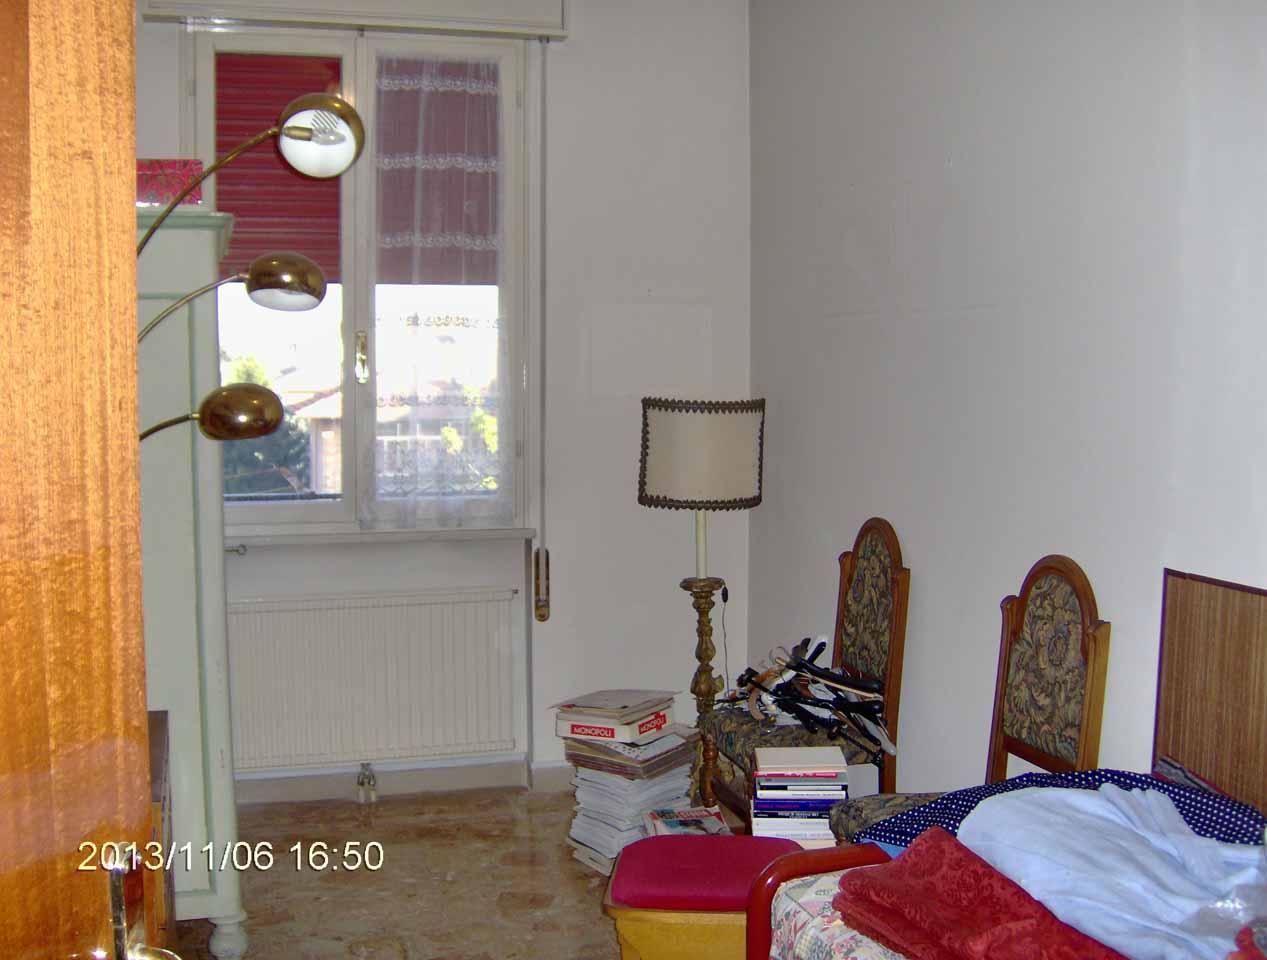 Appartamento via Contrada del Mirasole  Rag Alberto Mestieri